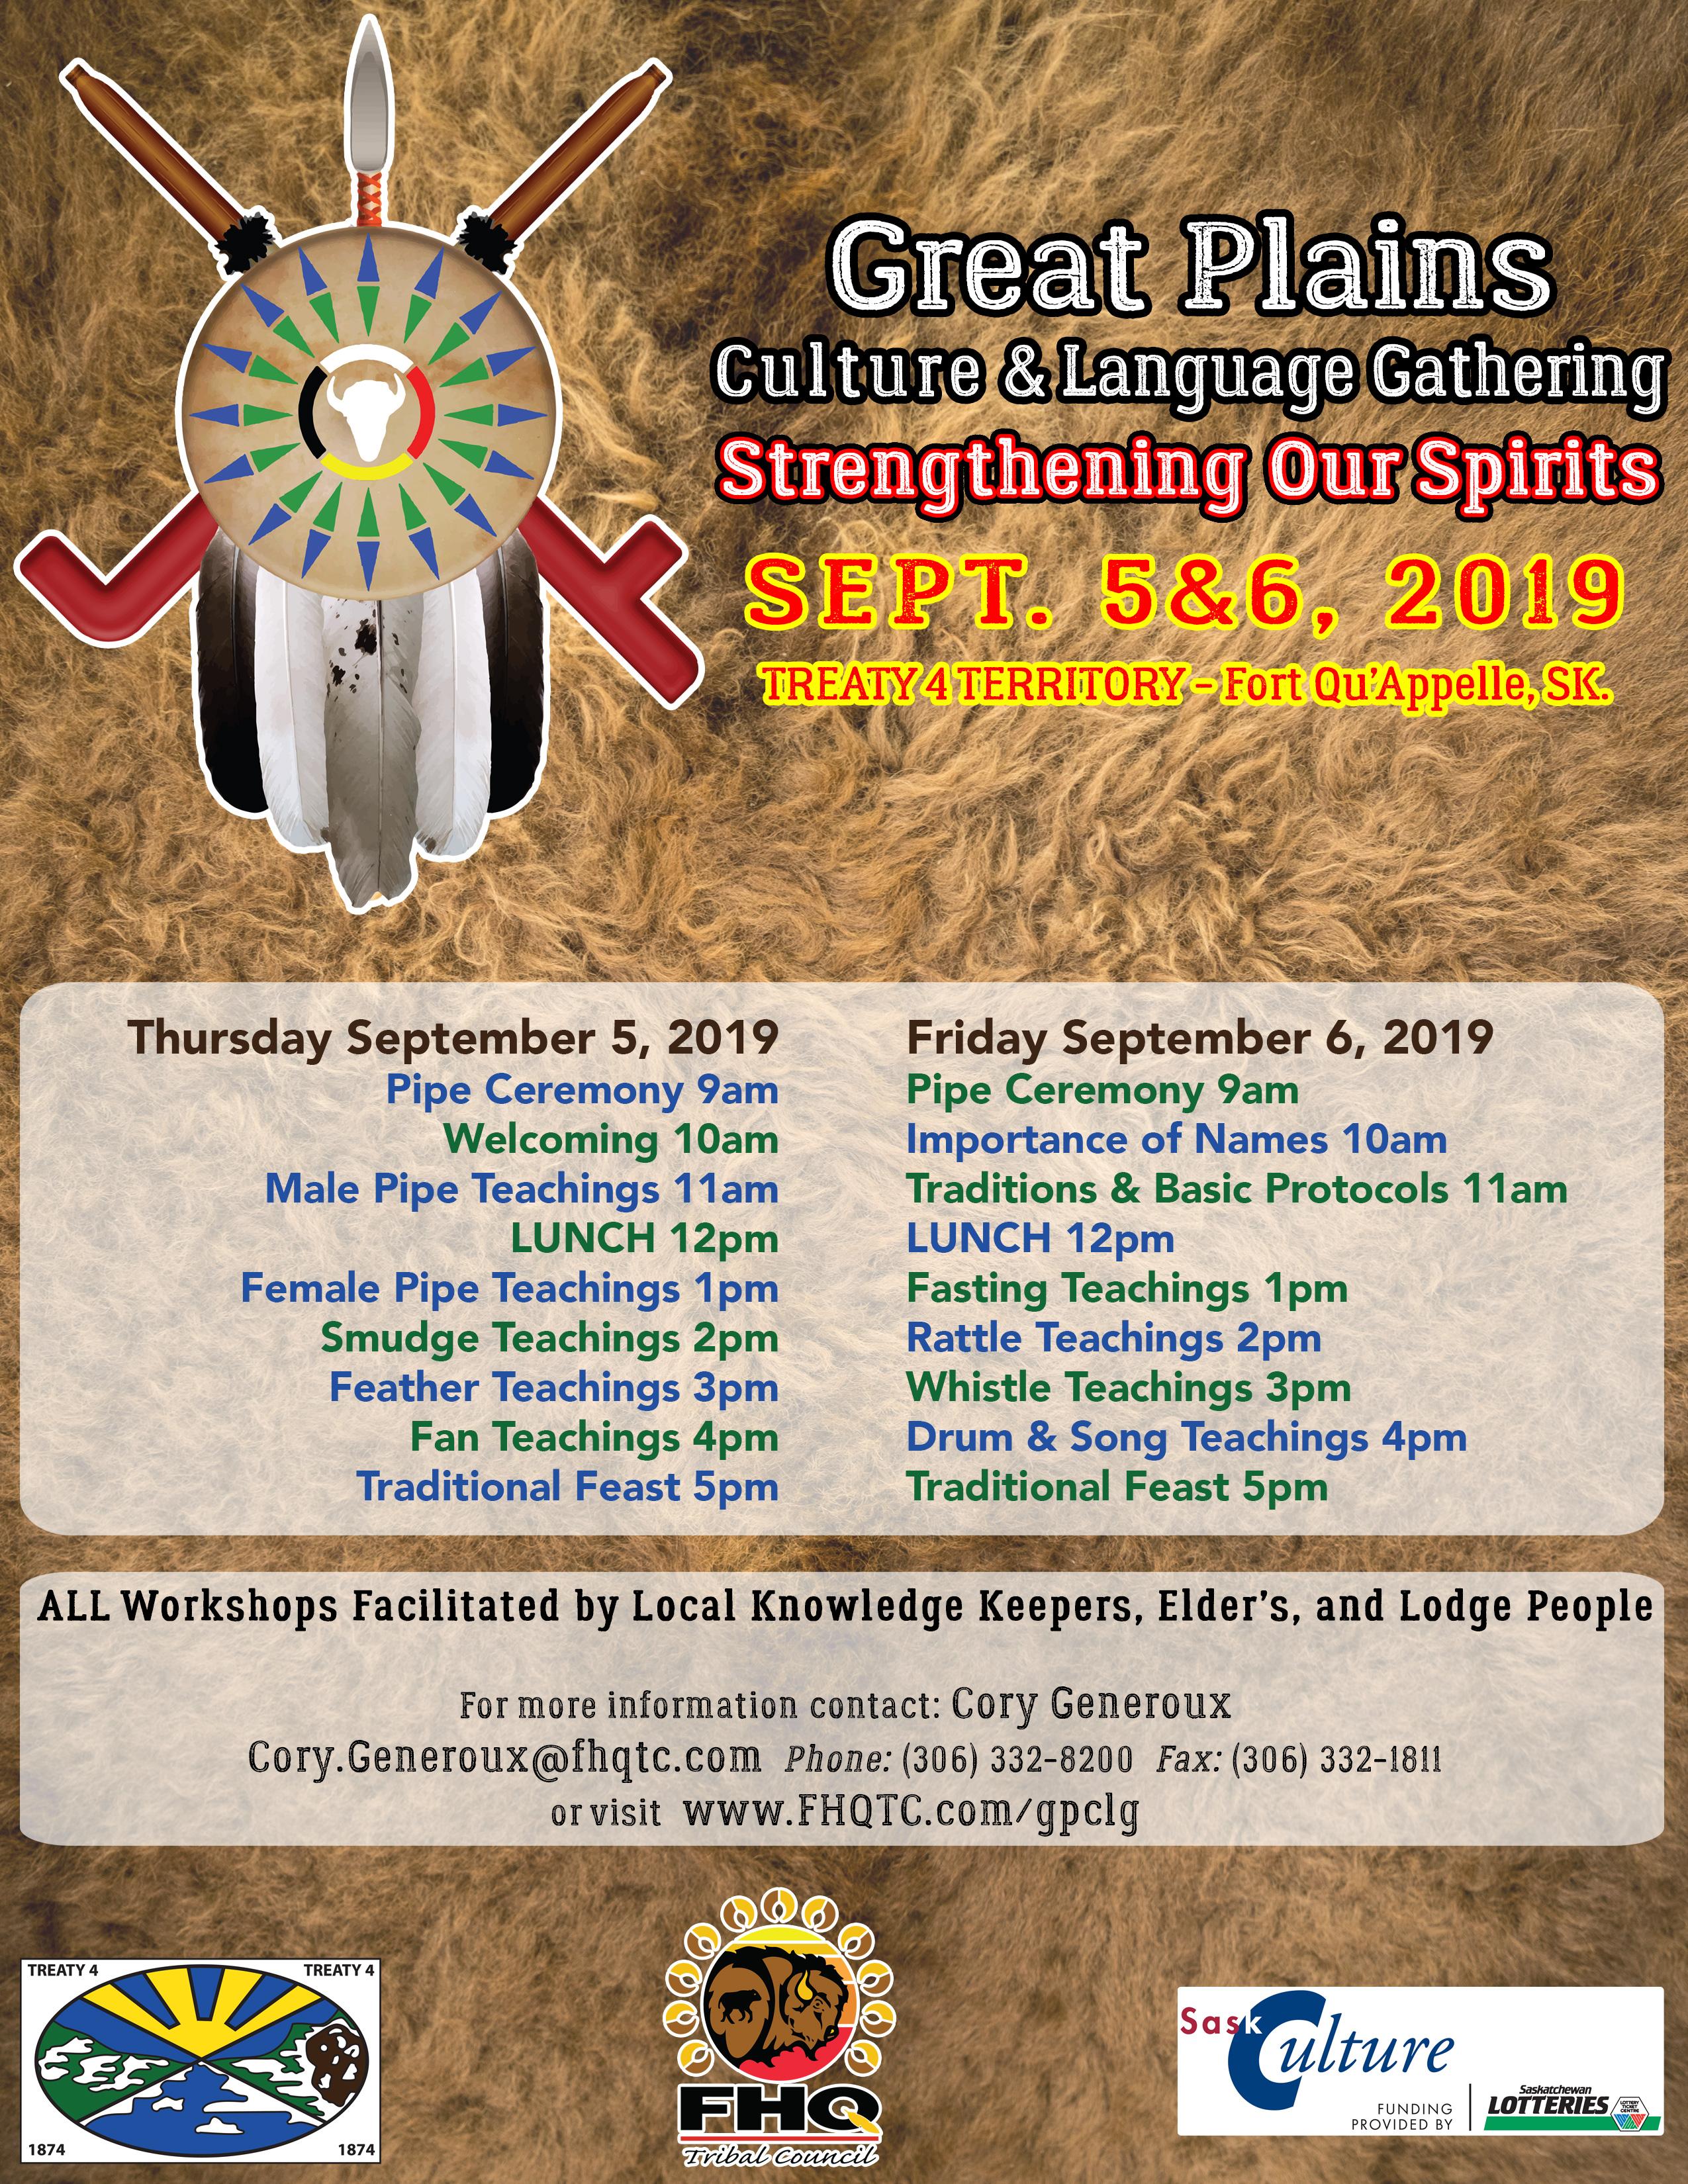 Great Plains Culture & Language Gathering